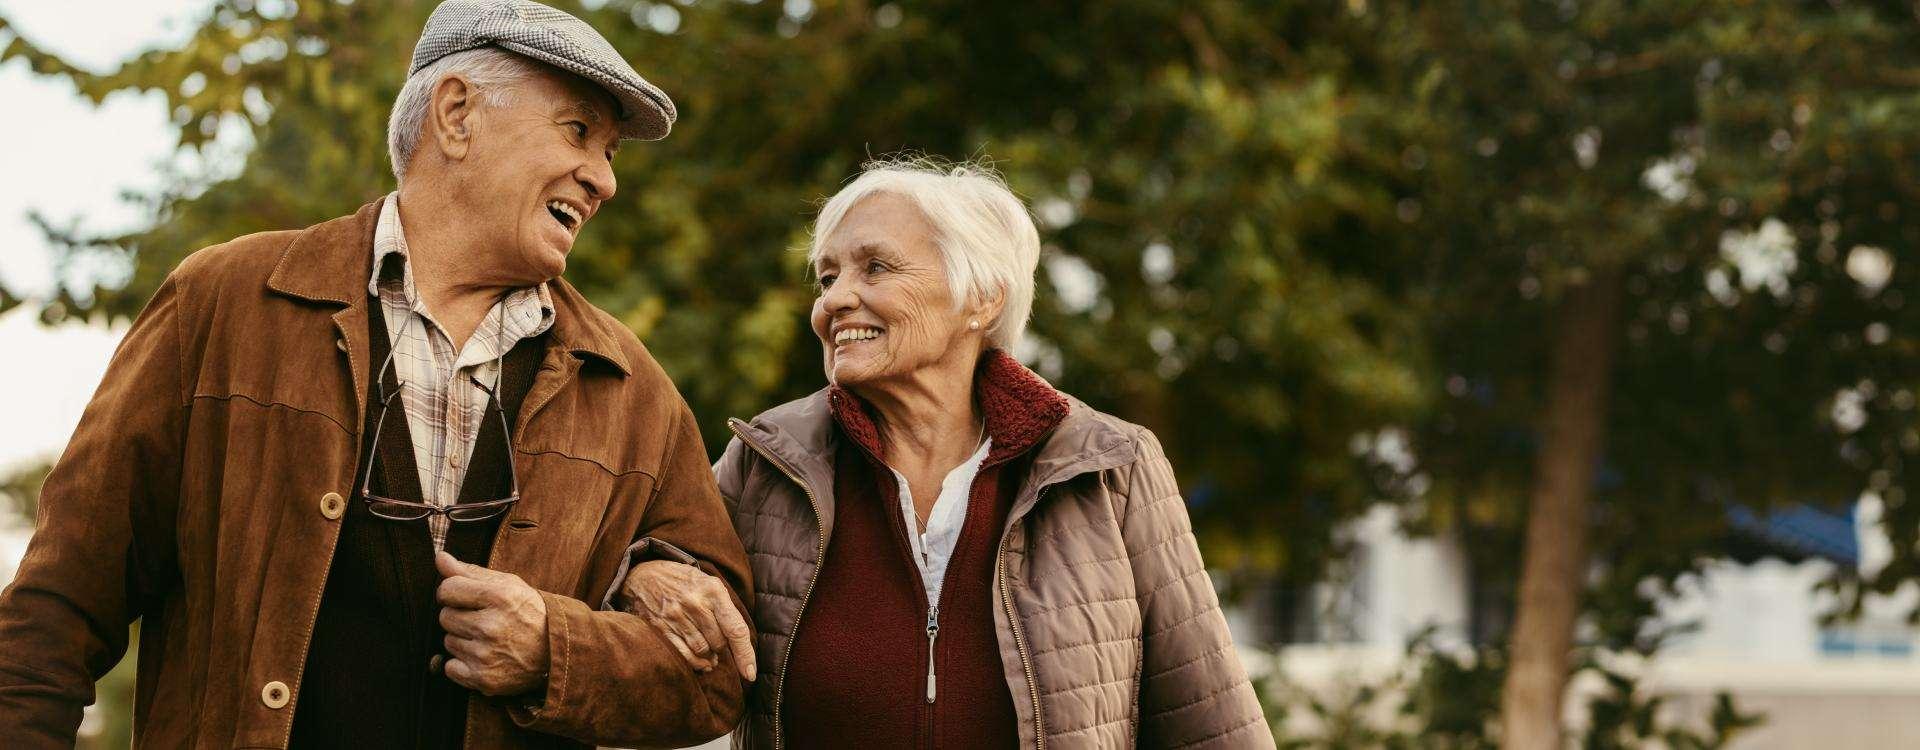 Rencontres Seniors : l'amour n'a pas d'âge